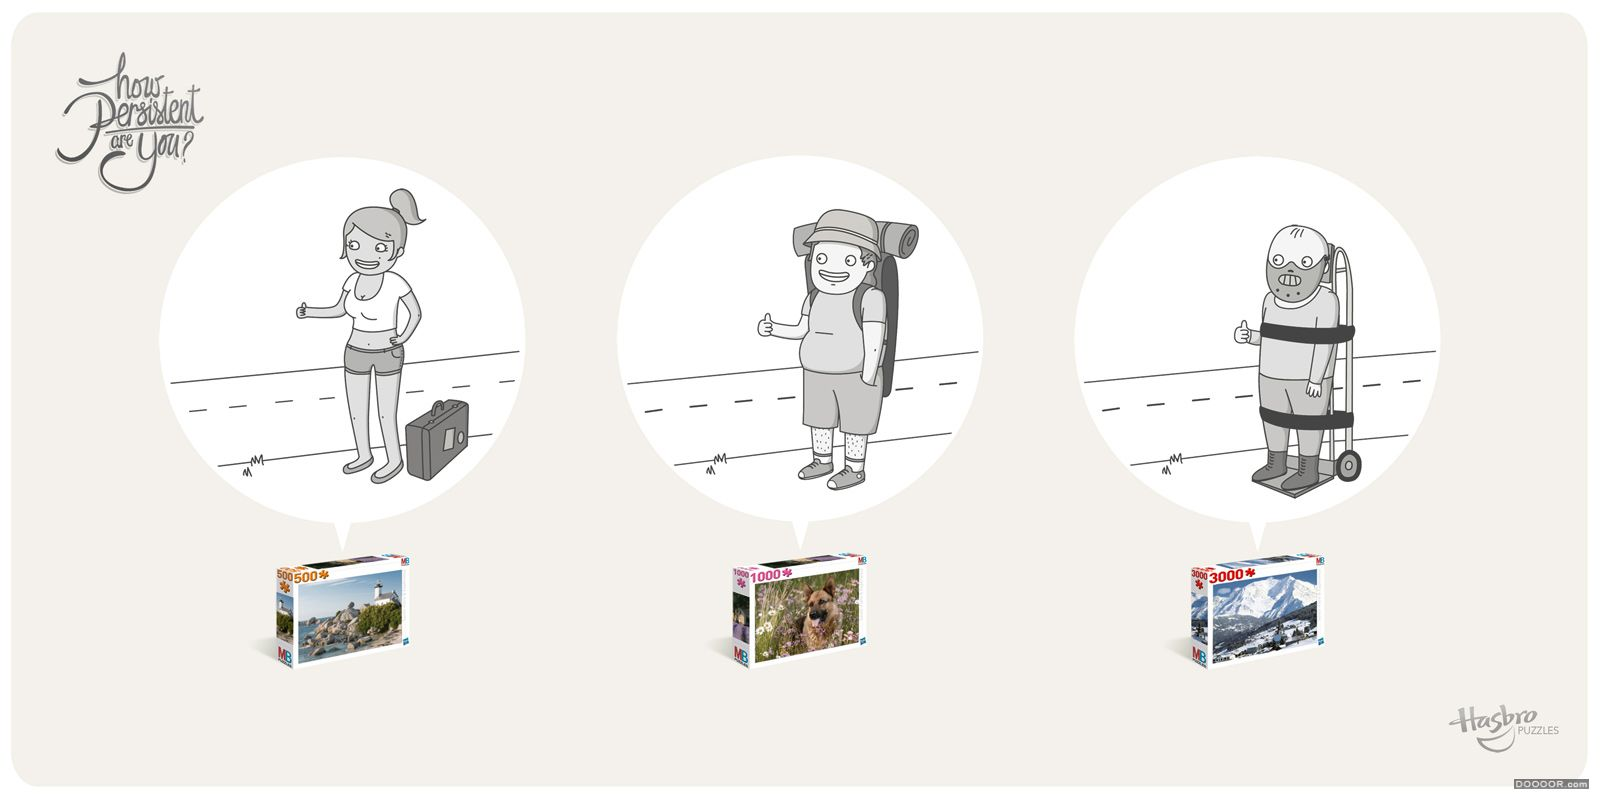 1月全球顶尖高清创意广告设计作品搜集  5/15